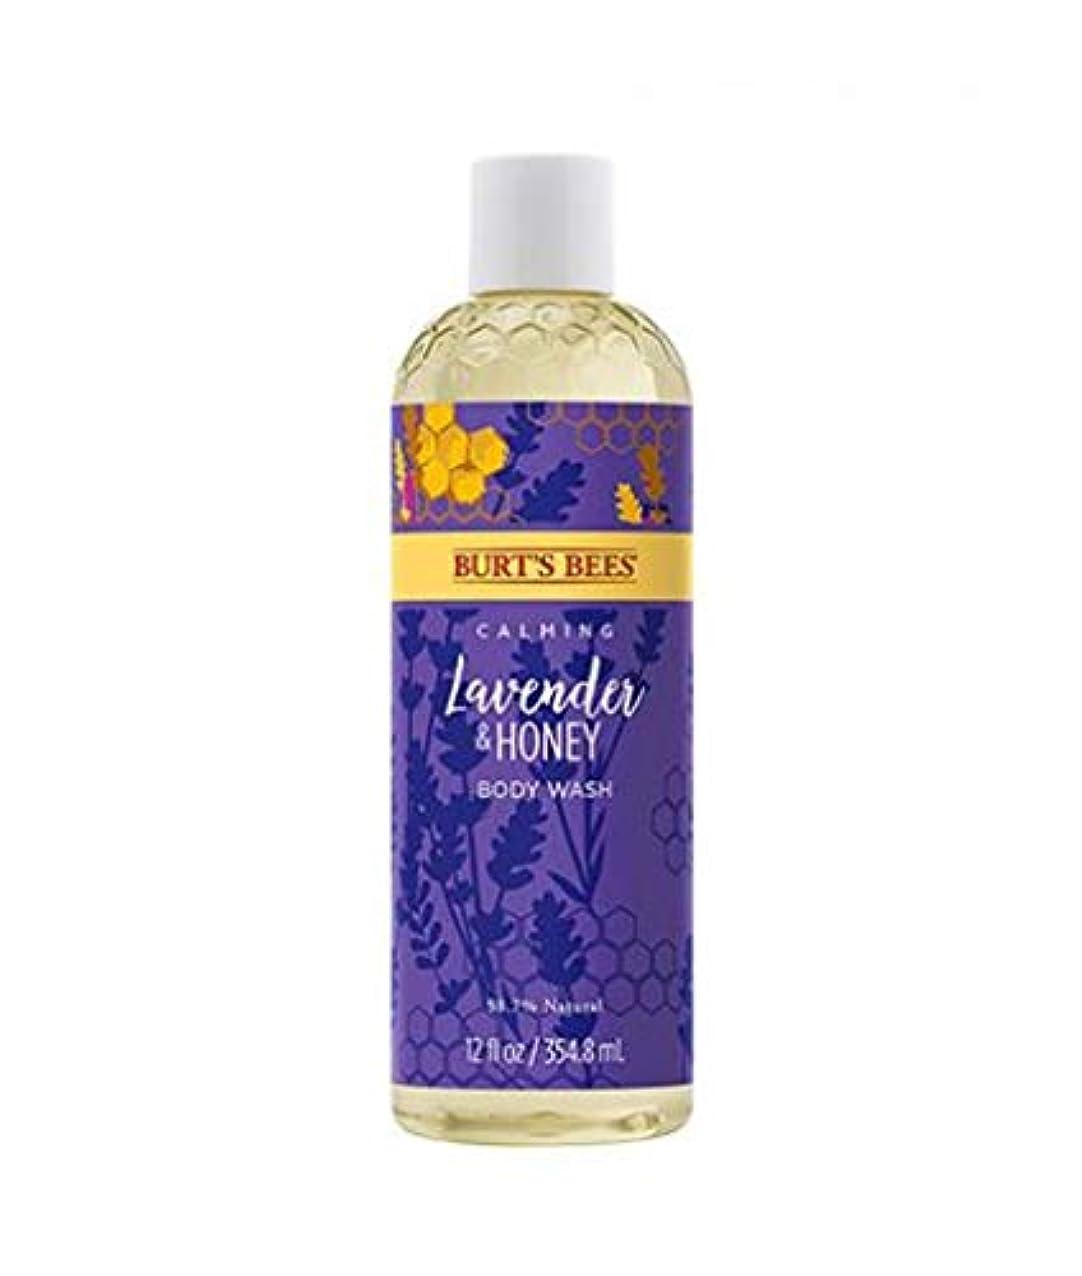 メダル不十分な不十分なバーツビーズ(Burt's Bees)Baby Wash, Lavender and Honeyr カミングラベンダーアンドハニーボディウォッシュ354.8ml(並行輸入品)